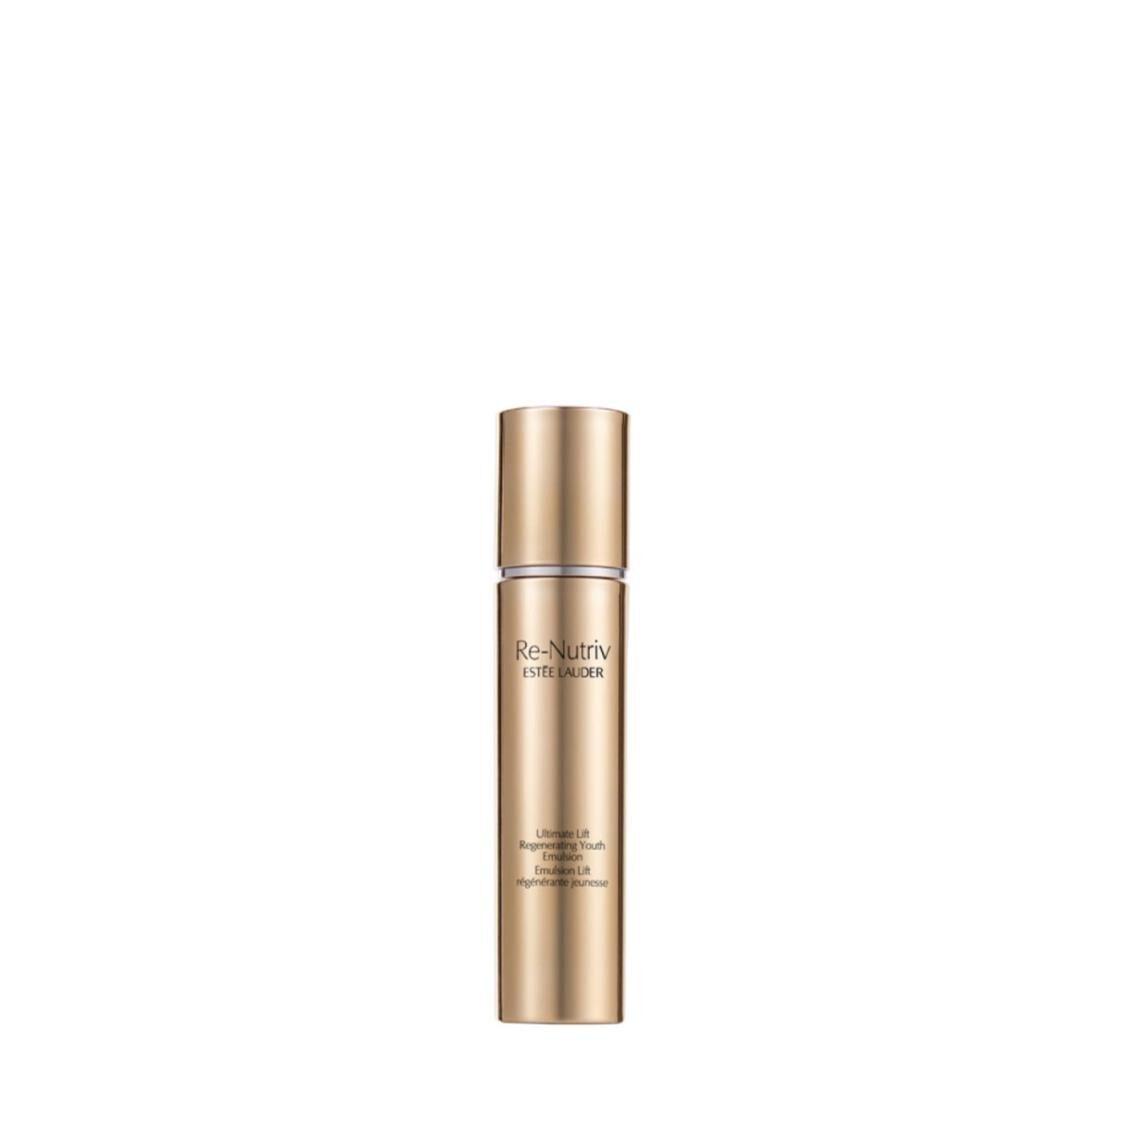 Este Lauder Re-Nutriv Ultimate Lift Regenerating Youth Emulsion 75ml